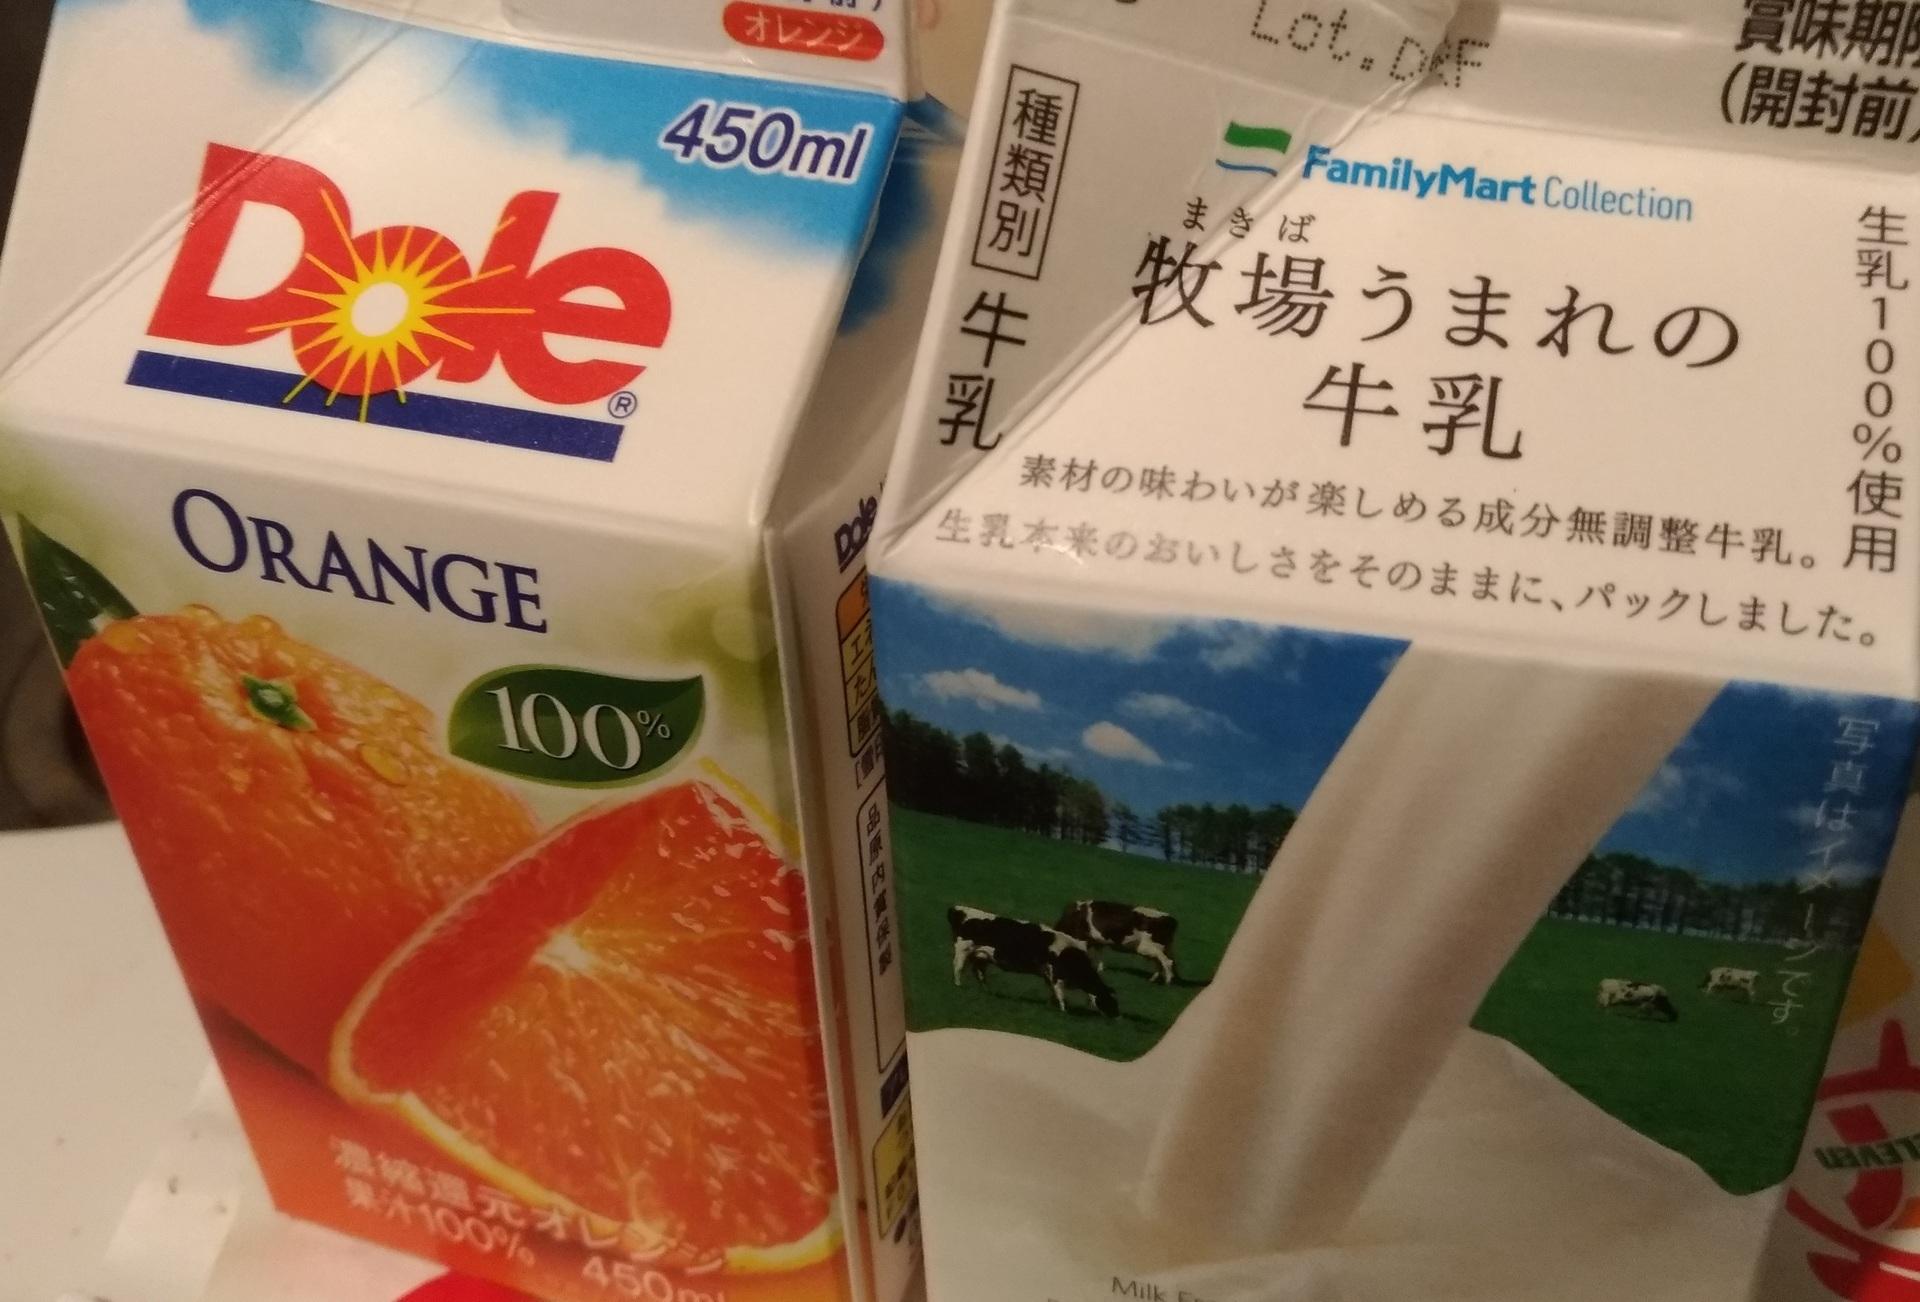 牛乳 ファミリーマート